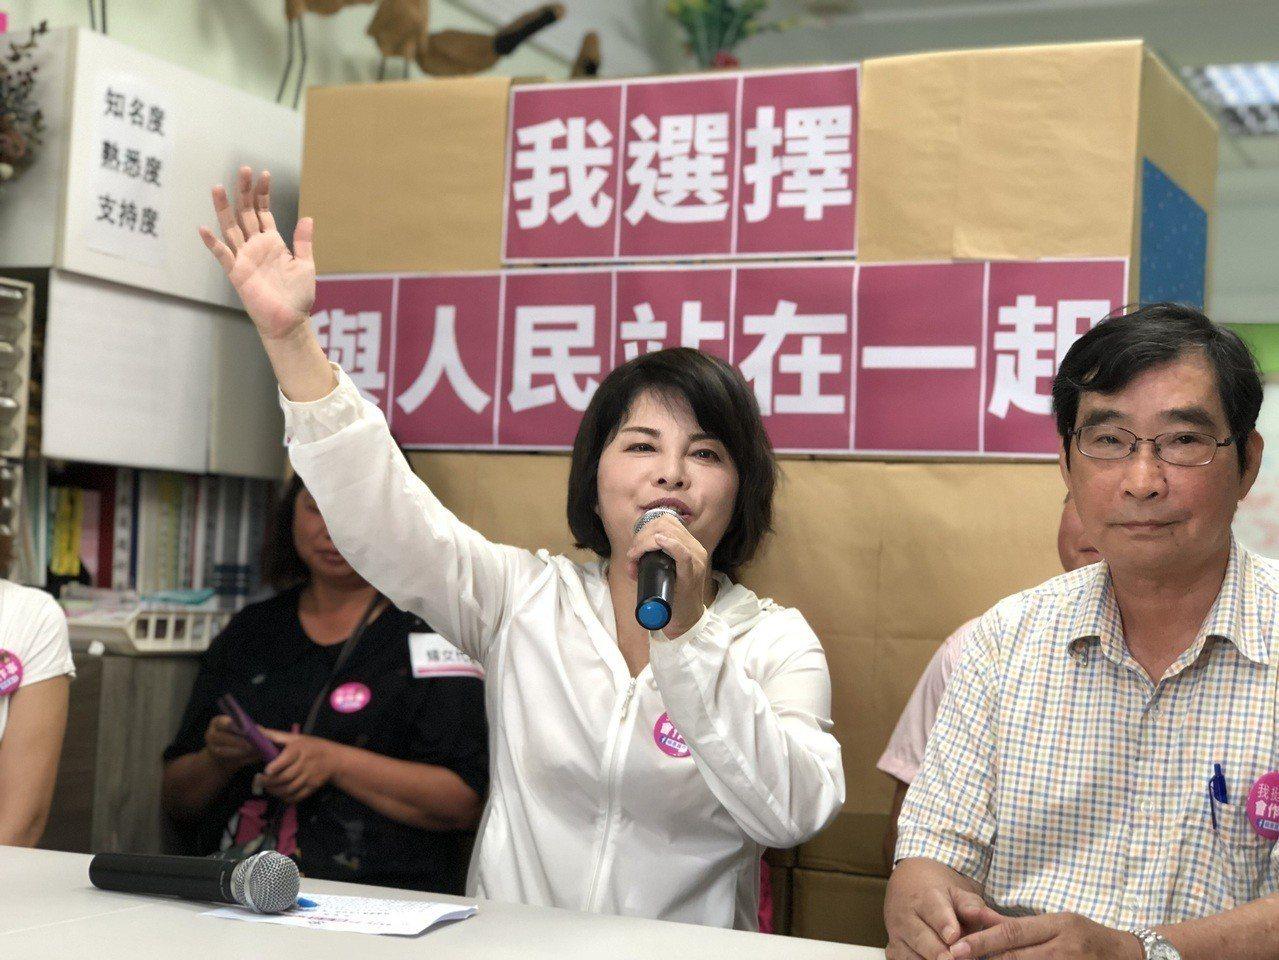 民進黨台南市第一選區立委初選,台南市前市議員賴惠員(左)在民調拿到最高支持度。圖...